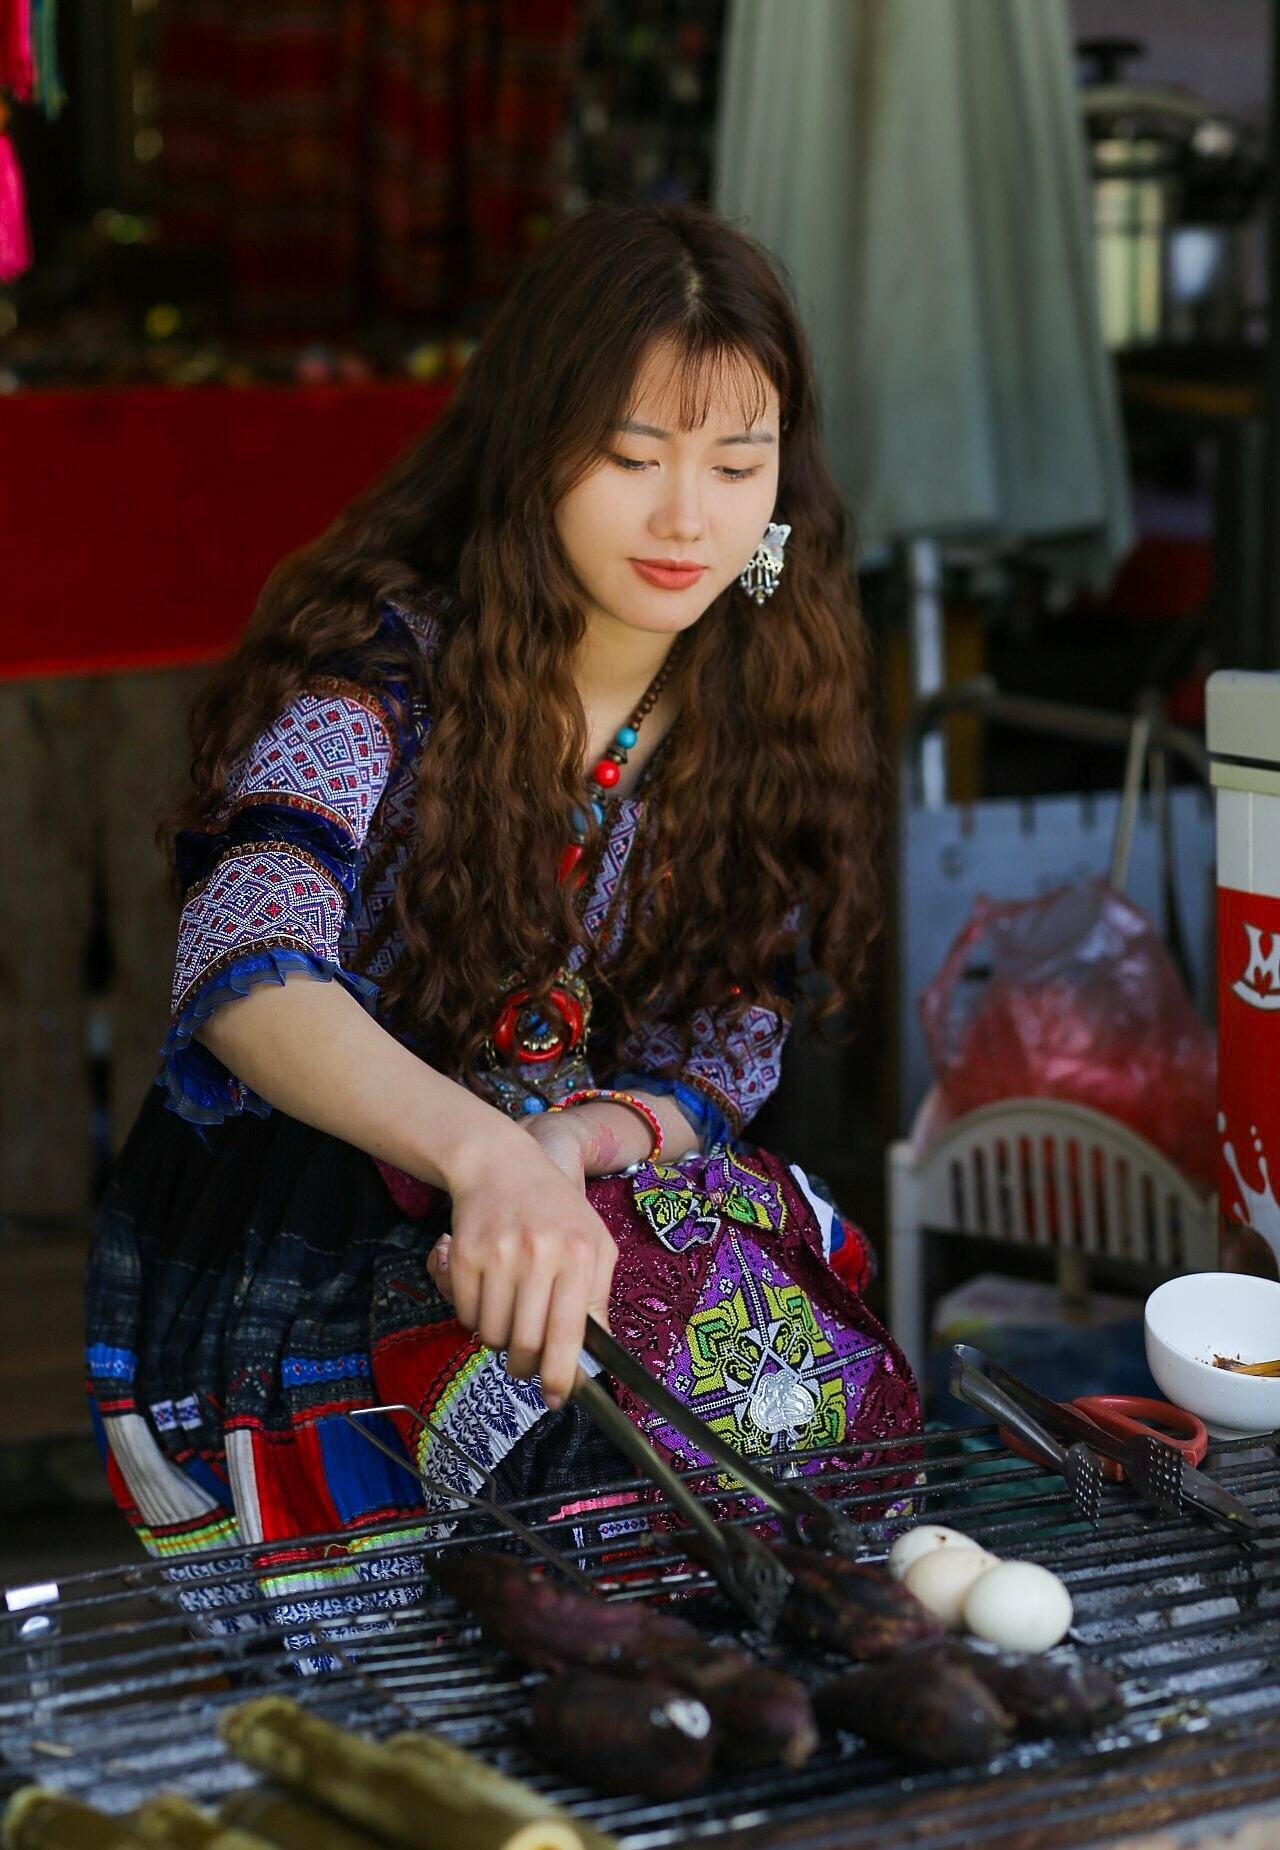 Hình ảnh của Phương được du khách chụp lại ngày 3/5. Ảnh: Dương Văn Quang.